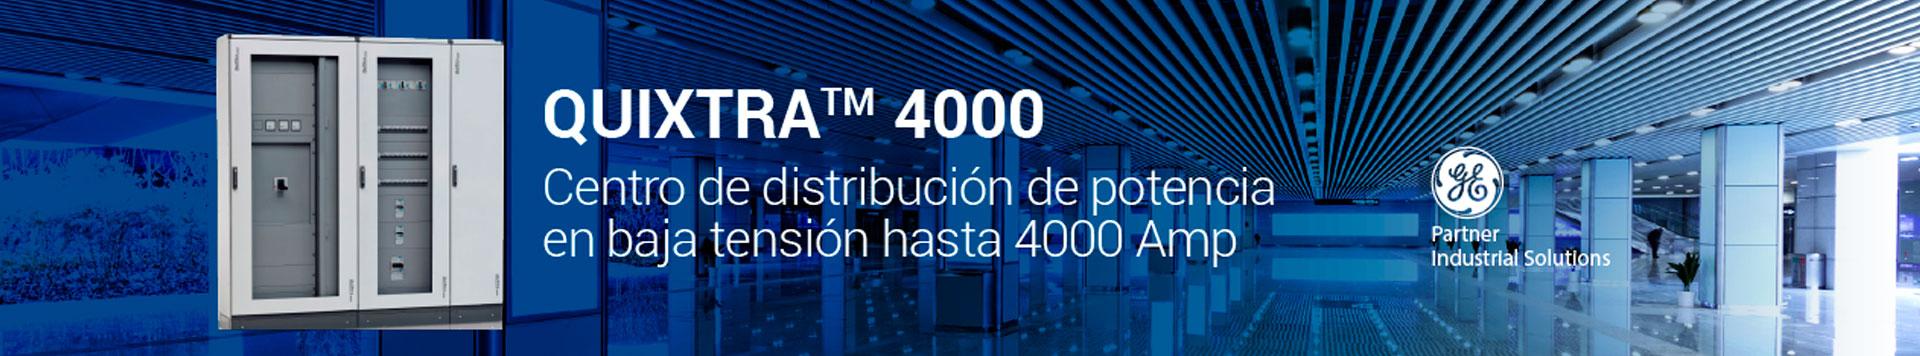 Quixtra 4000 - Centro de distribución de potencia en baja tensión hasta 4000 Amp